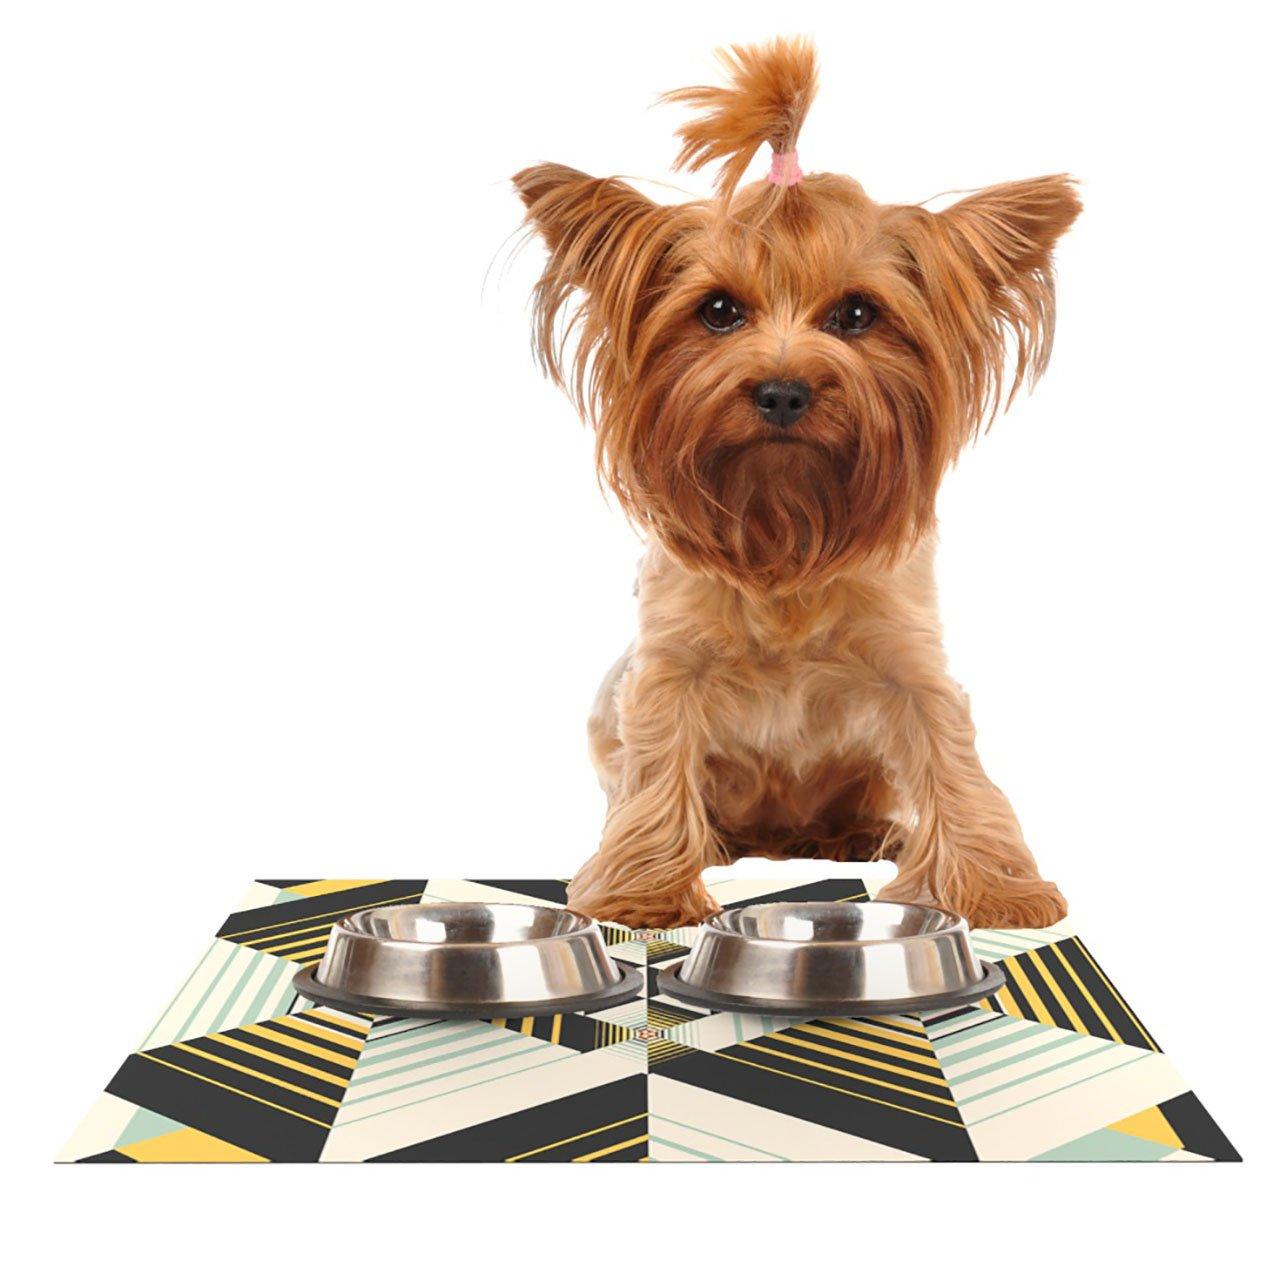 Kess InHouse Danny Ivan La Plus  Black Yellow Pet Bowl Placemat, 18 by 13-Inch